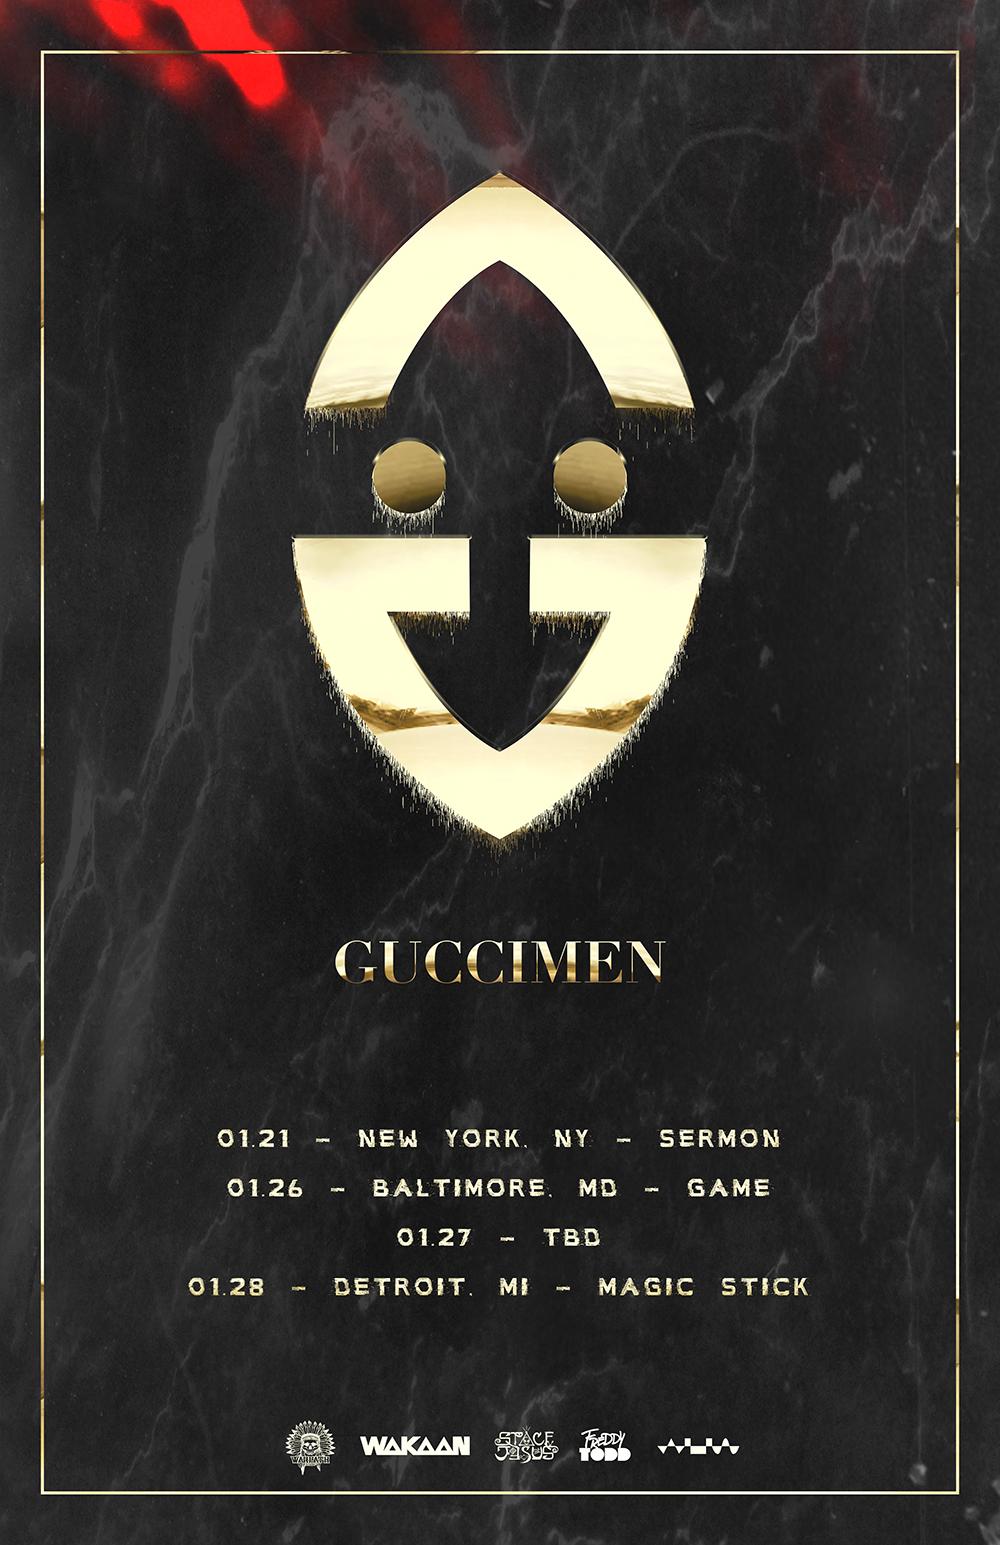 guccimen-winter-2017-run-announce